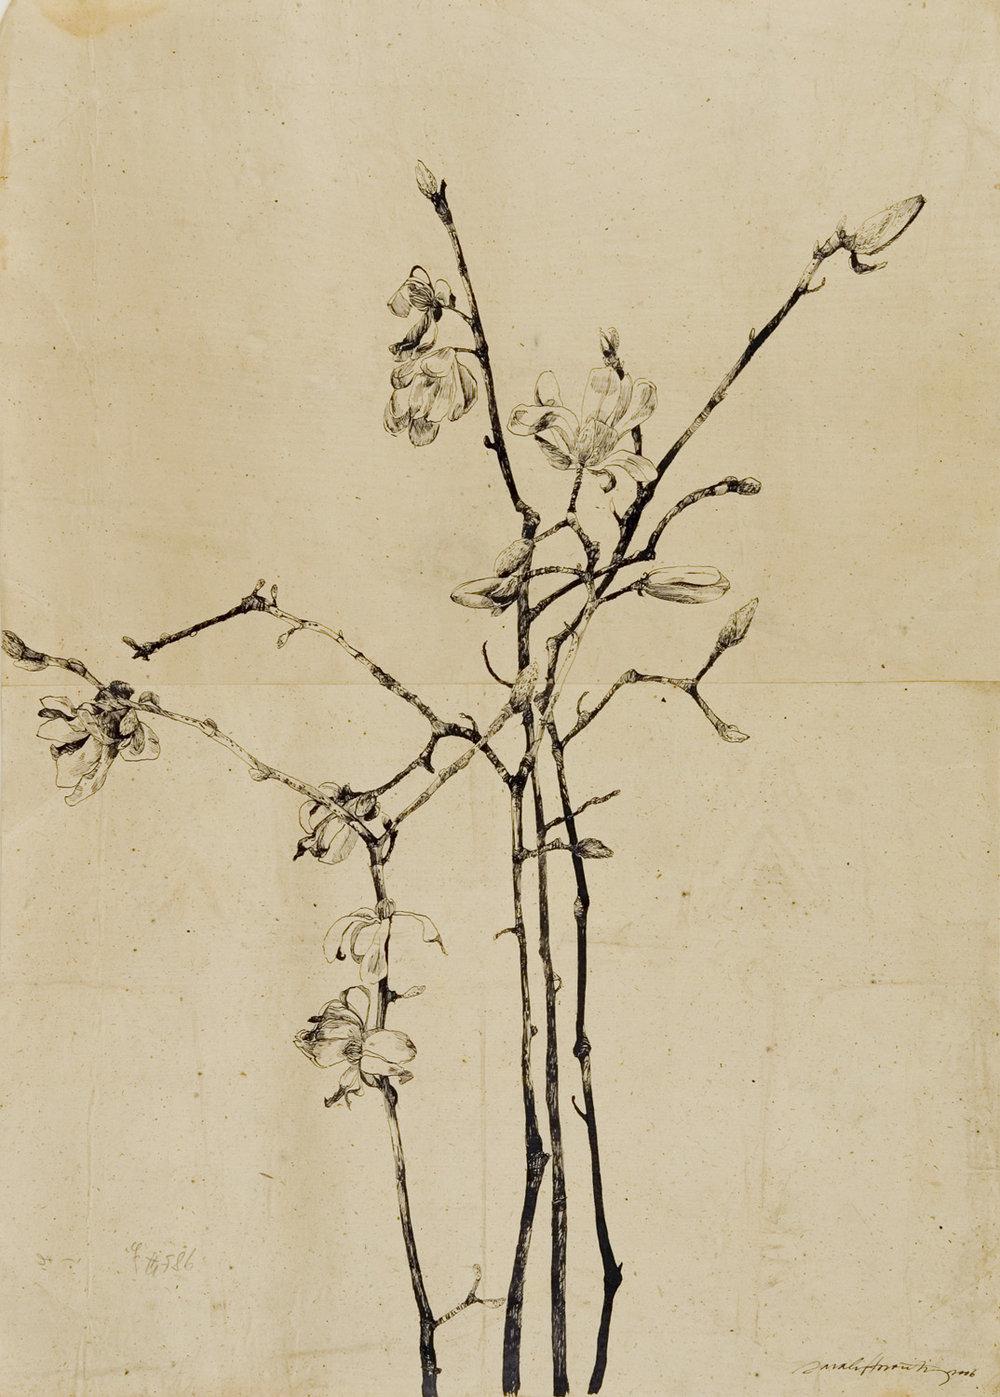 31x22_Flowering Magnolia II.jpg